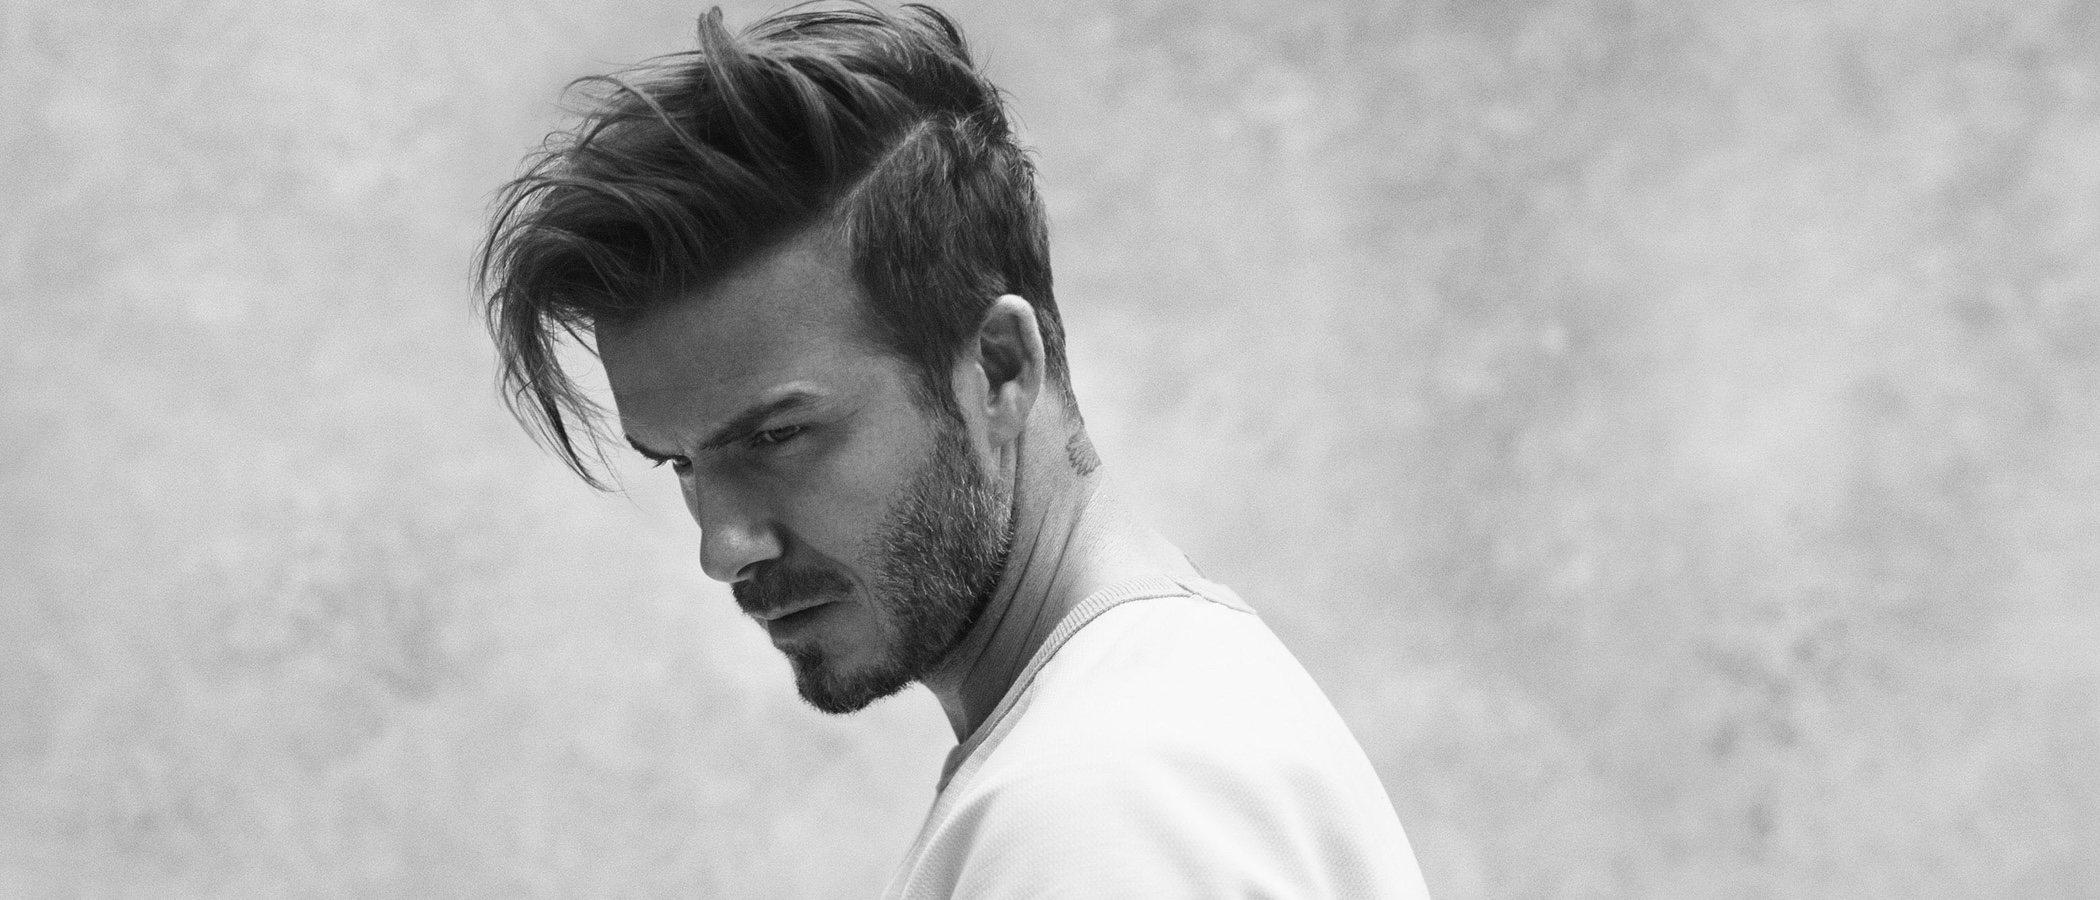 Así es 'Follow your instinct', la edición limitada de 'Instinct' de David Beckham